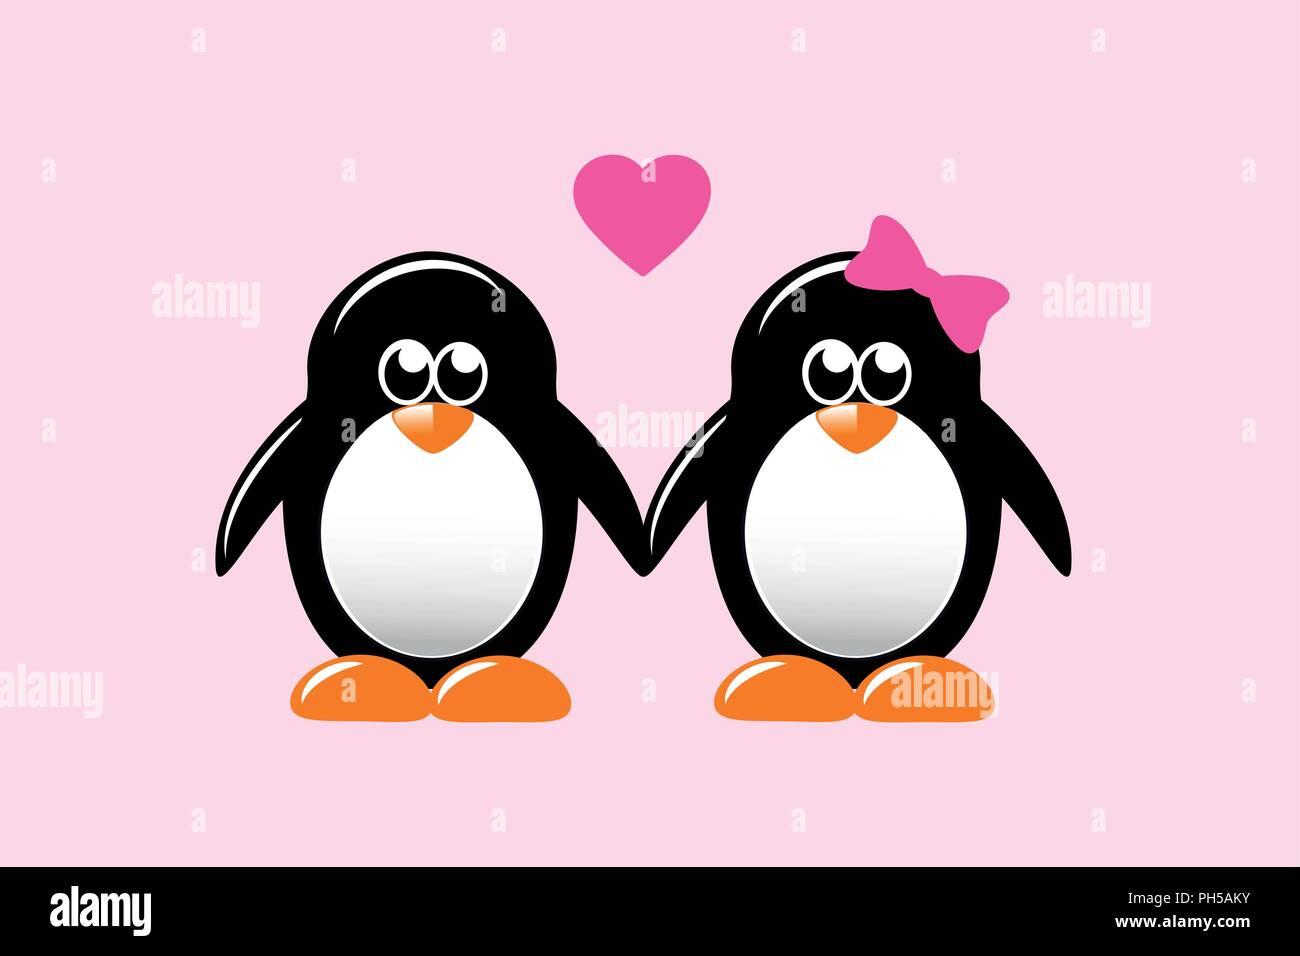 Cute dibujos animados de pingüinos amor illustartion